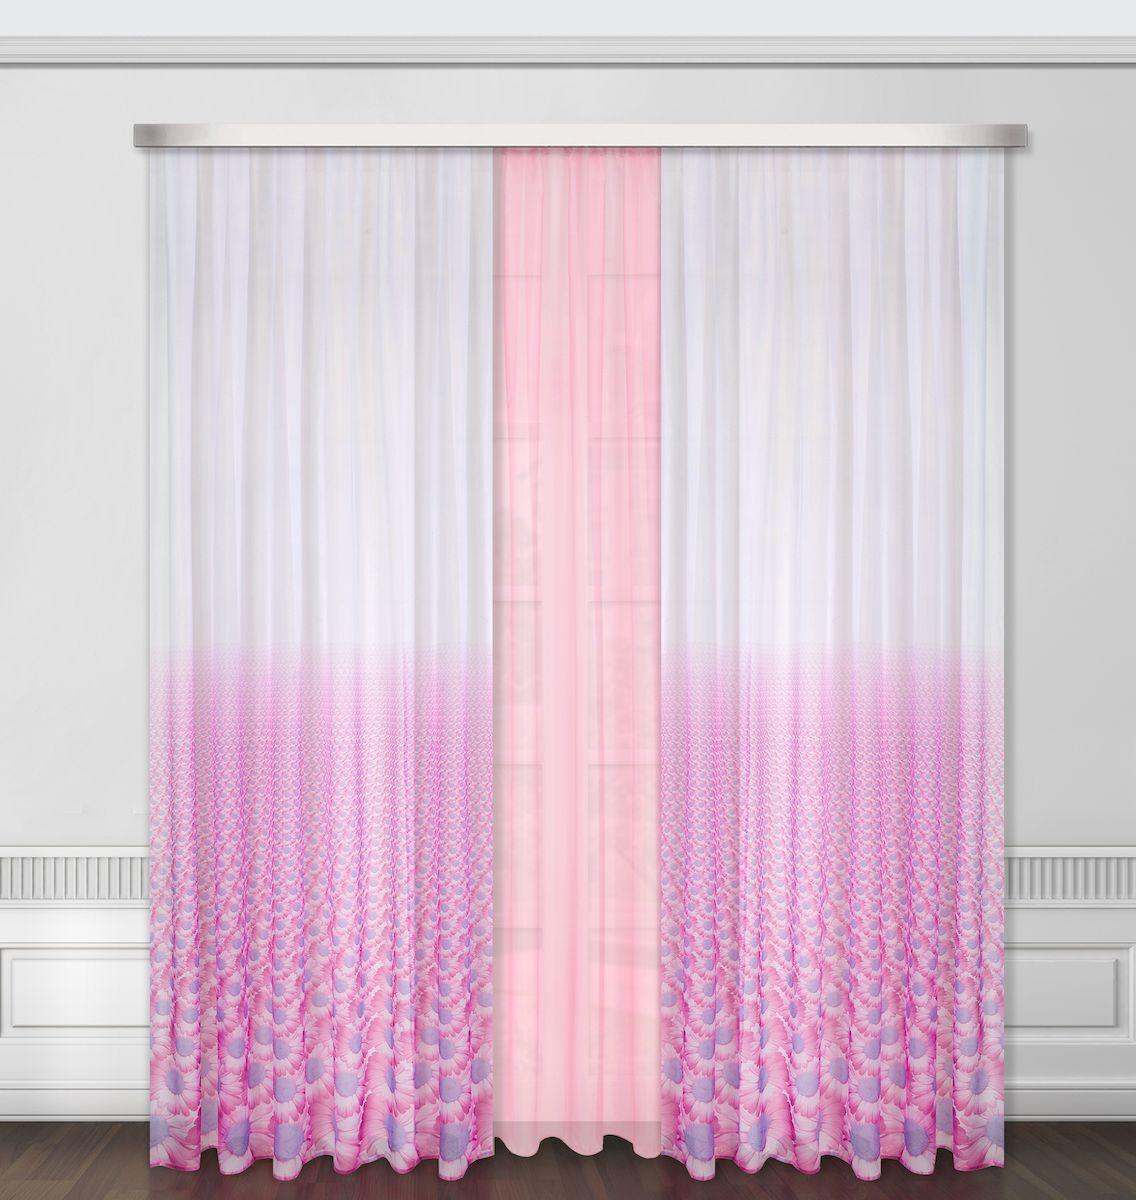 Комплект штор Zlata Korunka, на ленте, цвет: сиреневый, высота 260 см. 5566355663Роскошный комплект штор Zlata Korunka, выполненный из полиэстера, великолепно украсит любое окно. Комплект состоит из тюля и двух штор. Цветочный рисунок и приятная цветовая гамма привлекут к себе внимание и органично впишутся в интерьер помещения. Этот комплект будет долгое время радовать вас и вашу семью! Комплект крепится на карниз при помощи ленты, которая поможет красиво и равномерно задрапировать верх. В комплект входит: Тюль: 1 шт. Размер (Ш х В): 350 см х 260 см. Штора: 2 шт. Размер (Ш х В): 160 см х 260 см.